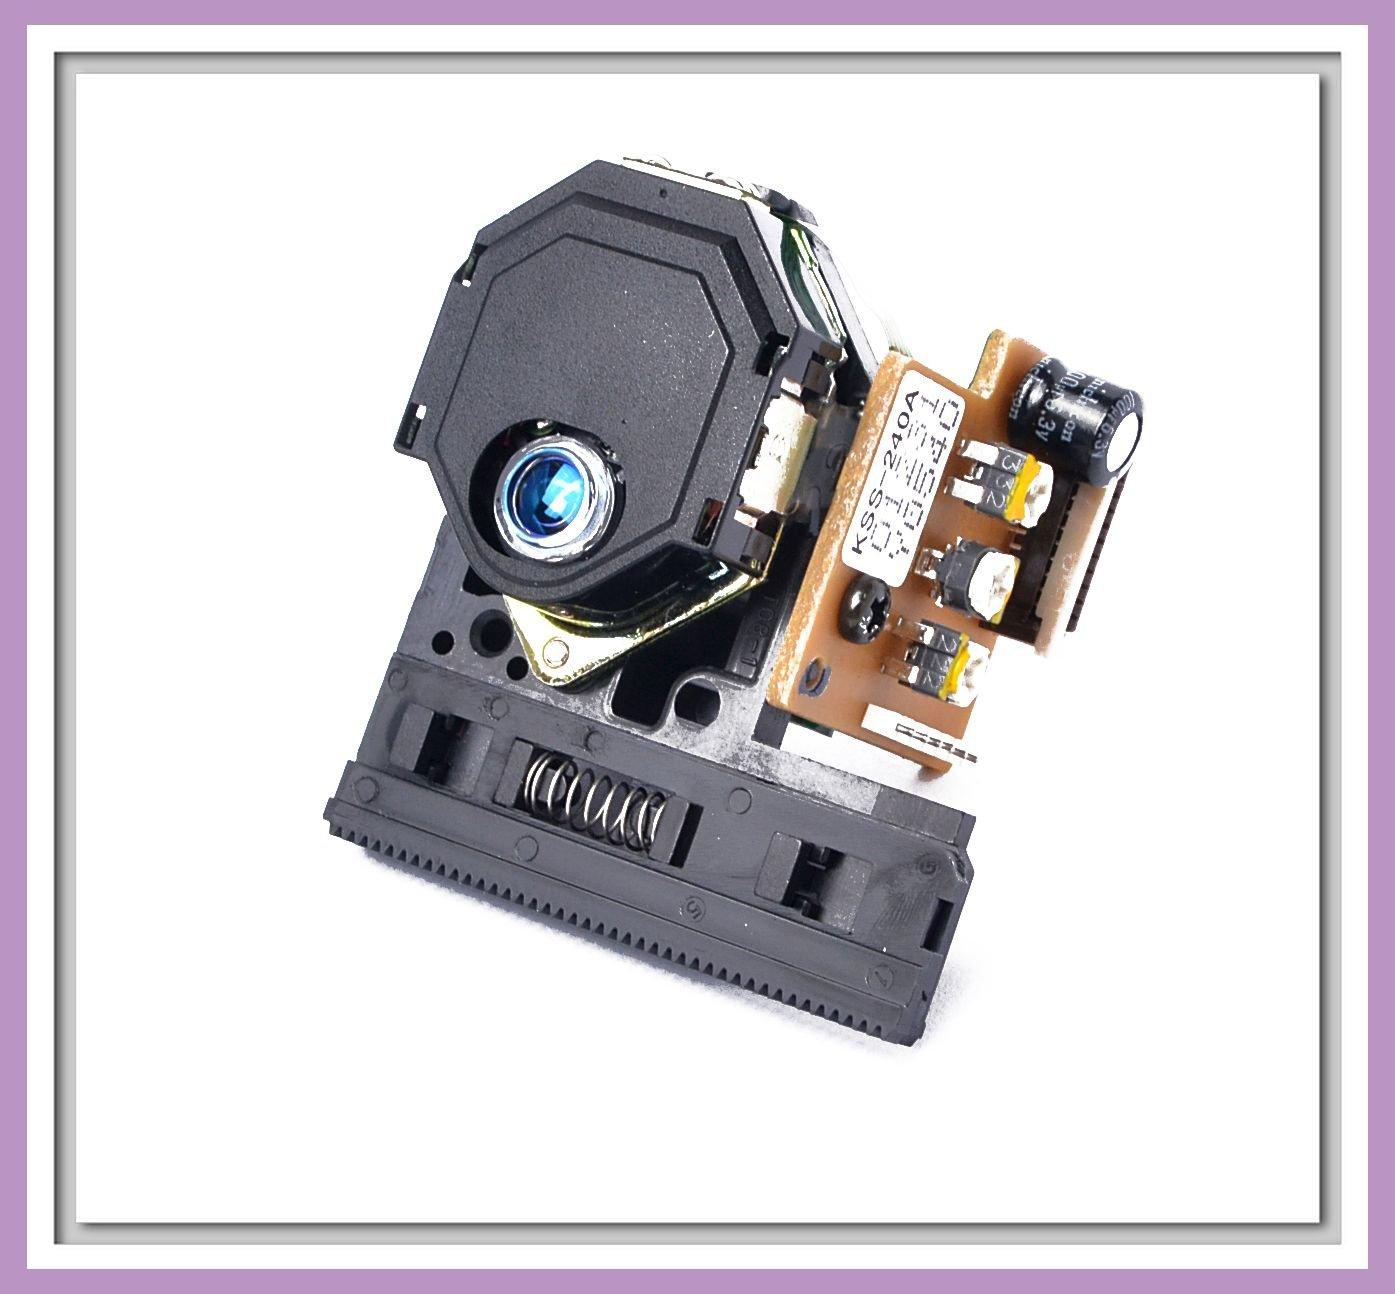 sony vcp-k10光学レーザーレンズvcpk10用cd光ピックアップ交換部品